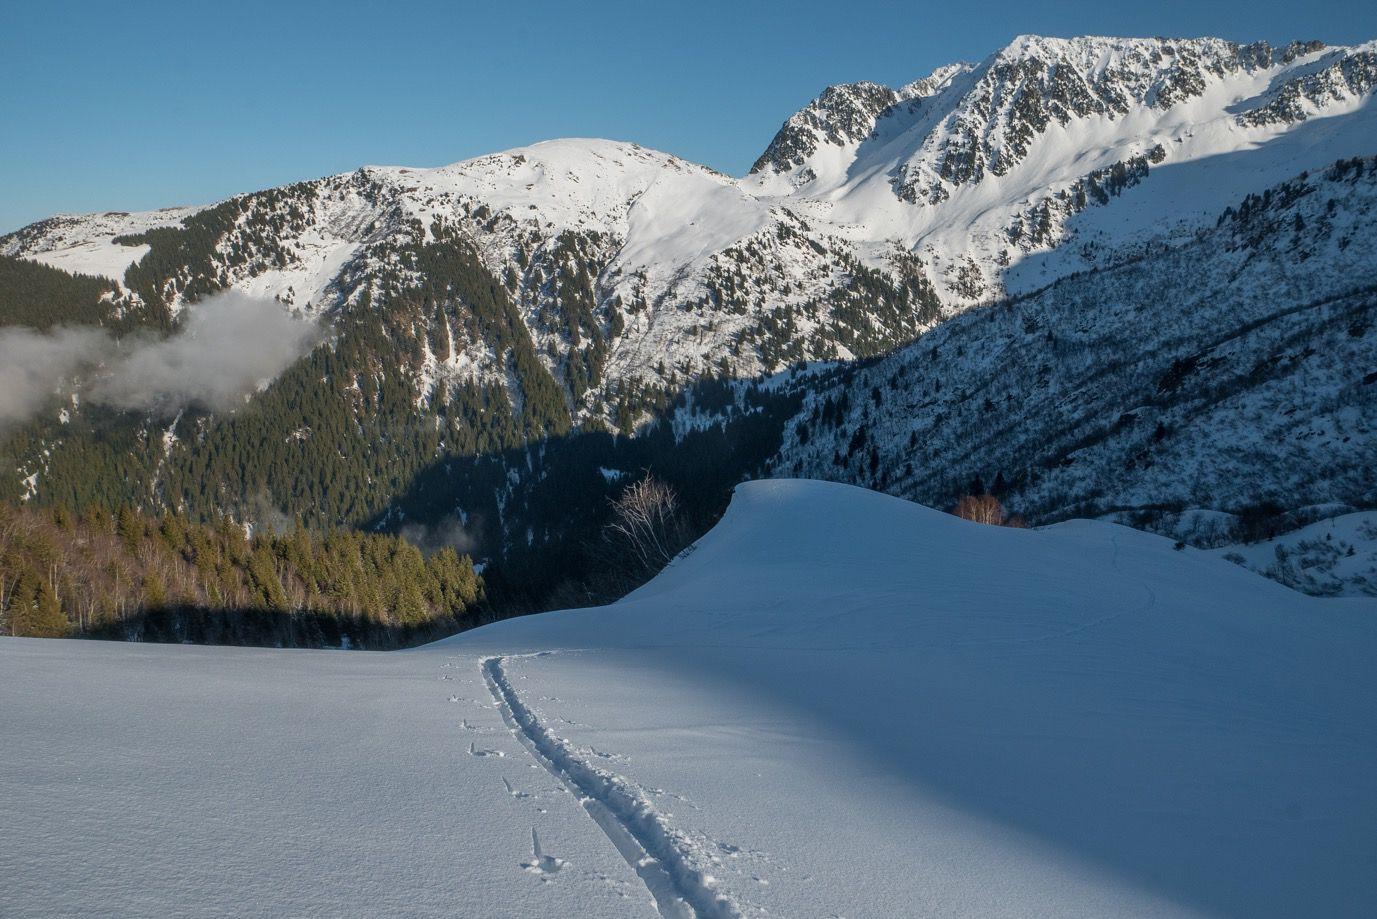 Grande Montagne : descentes #1 et #2 avec 10 de poudre sur fond dur. Pas mal du tout